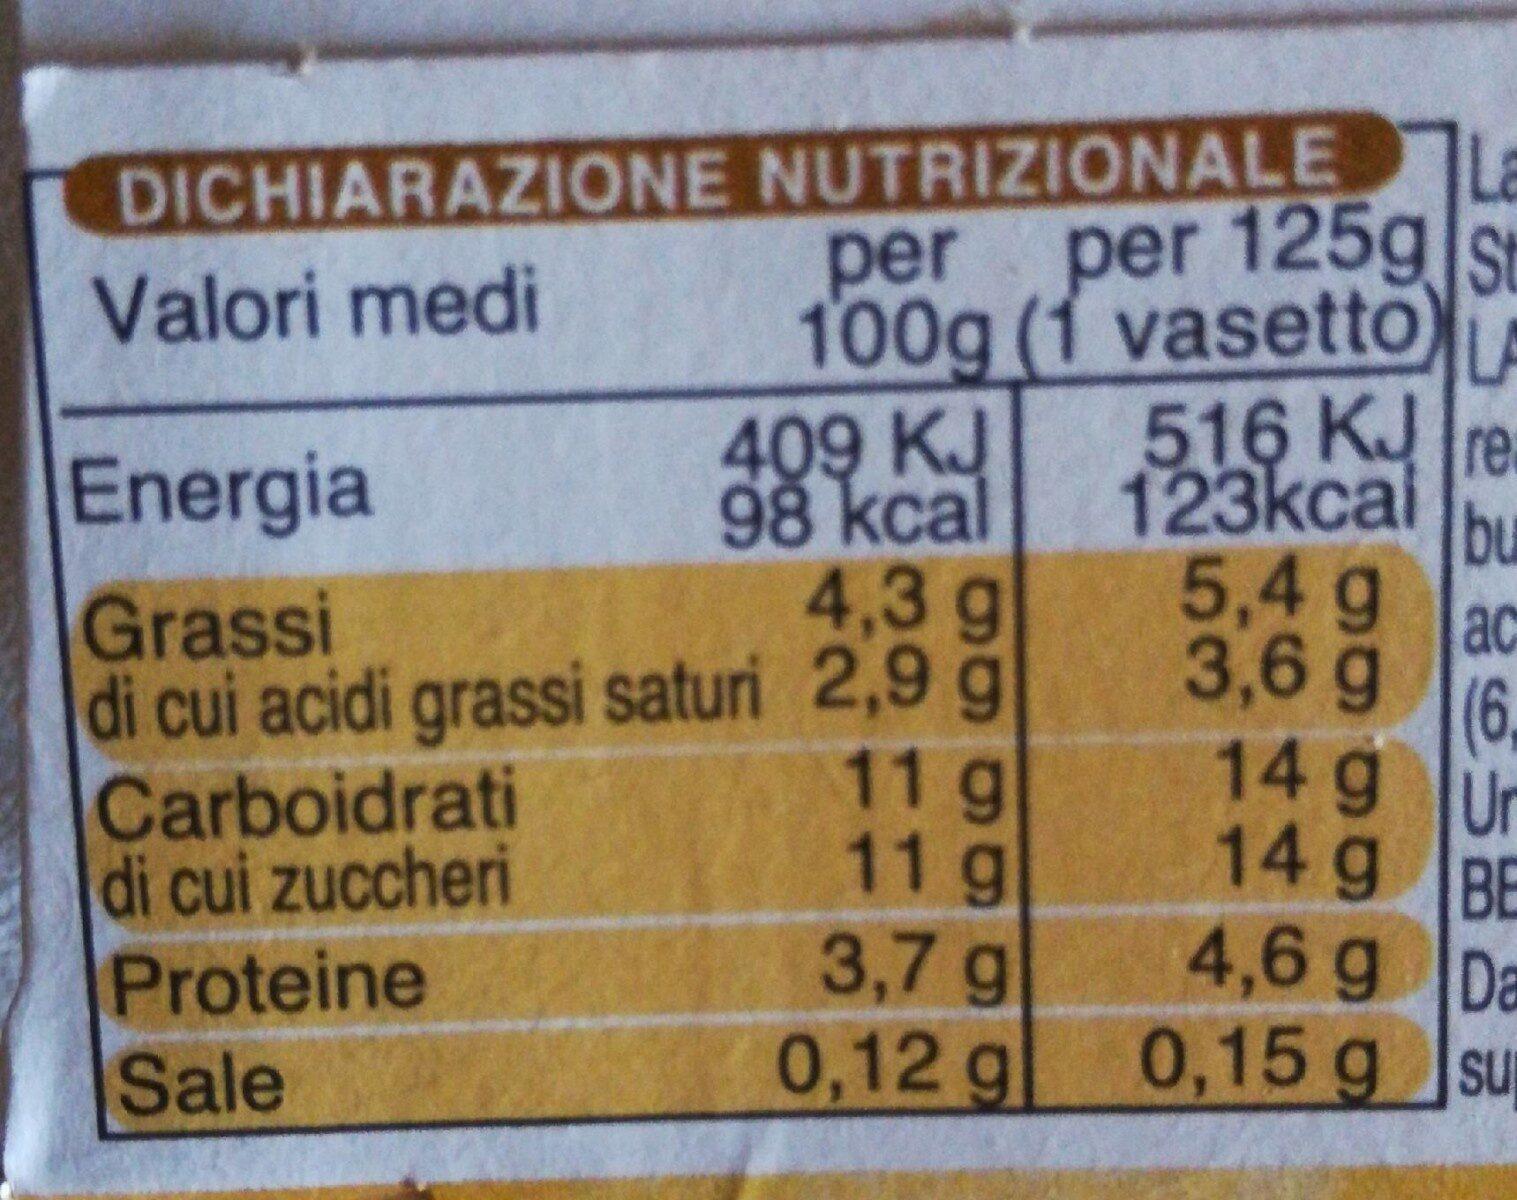 Kyr Yogurt Pappa Reale x - Informations nutritionnelles - it